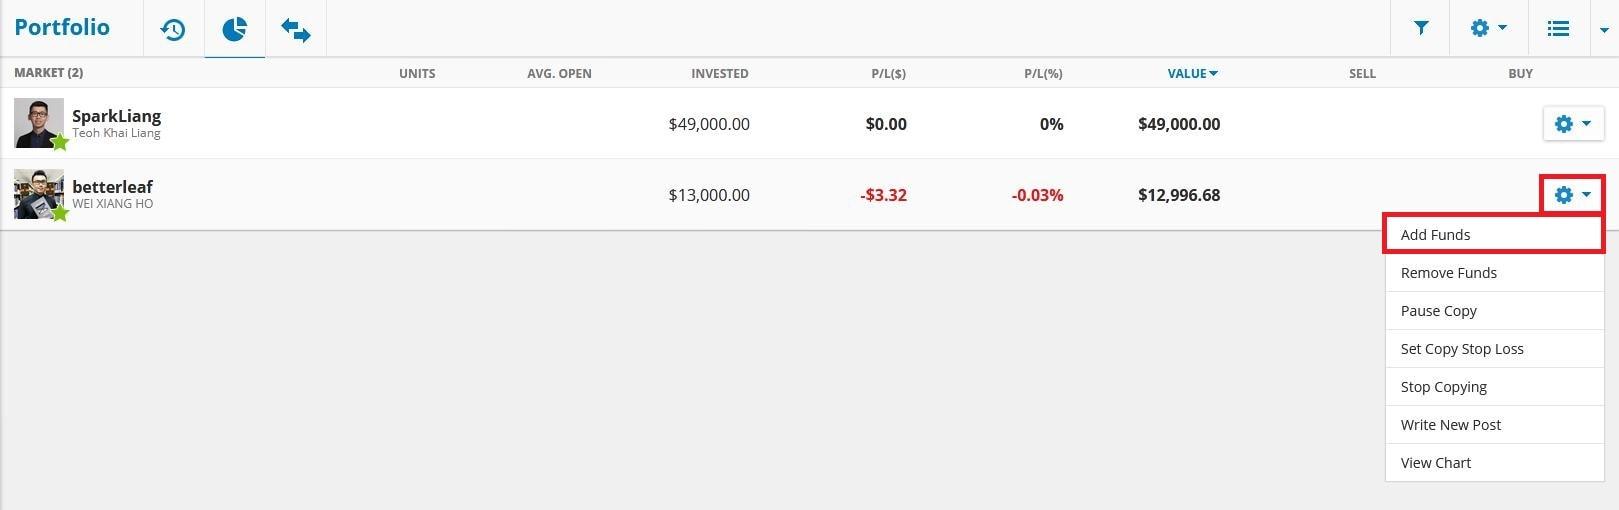 Đầu tư thêm tiền vào những nhà đầu tư tốt